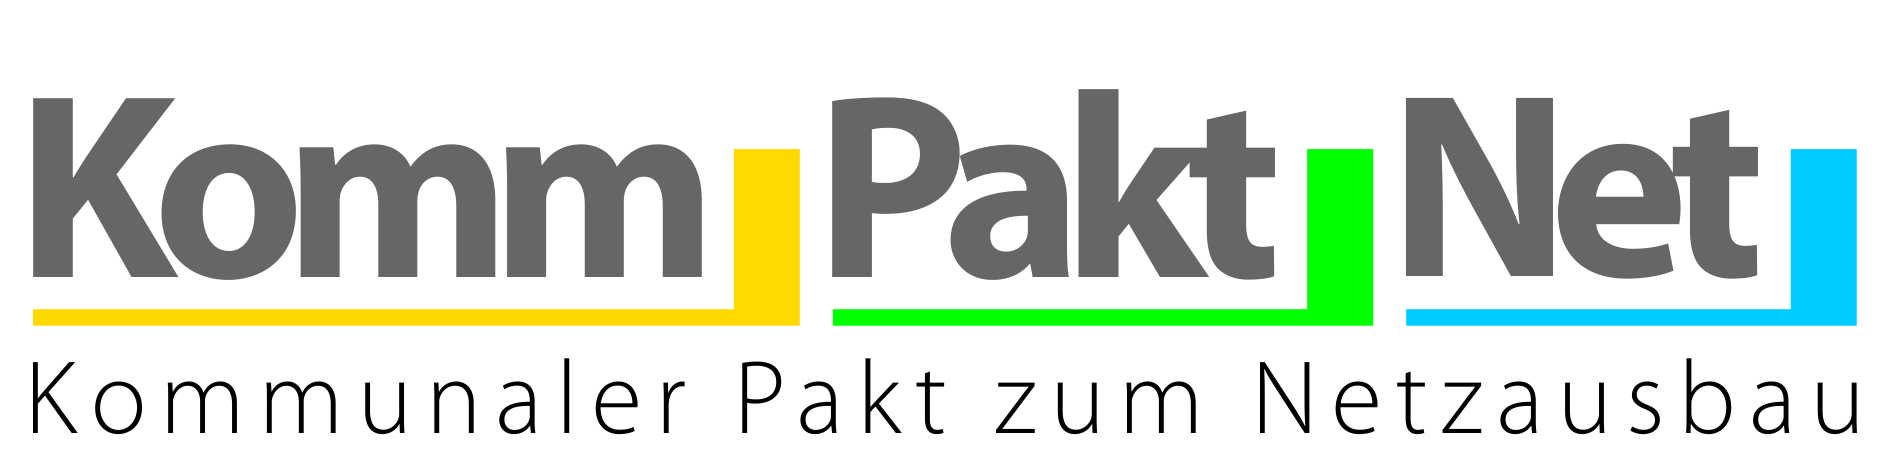 Logo KommPaktNet